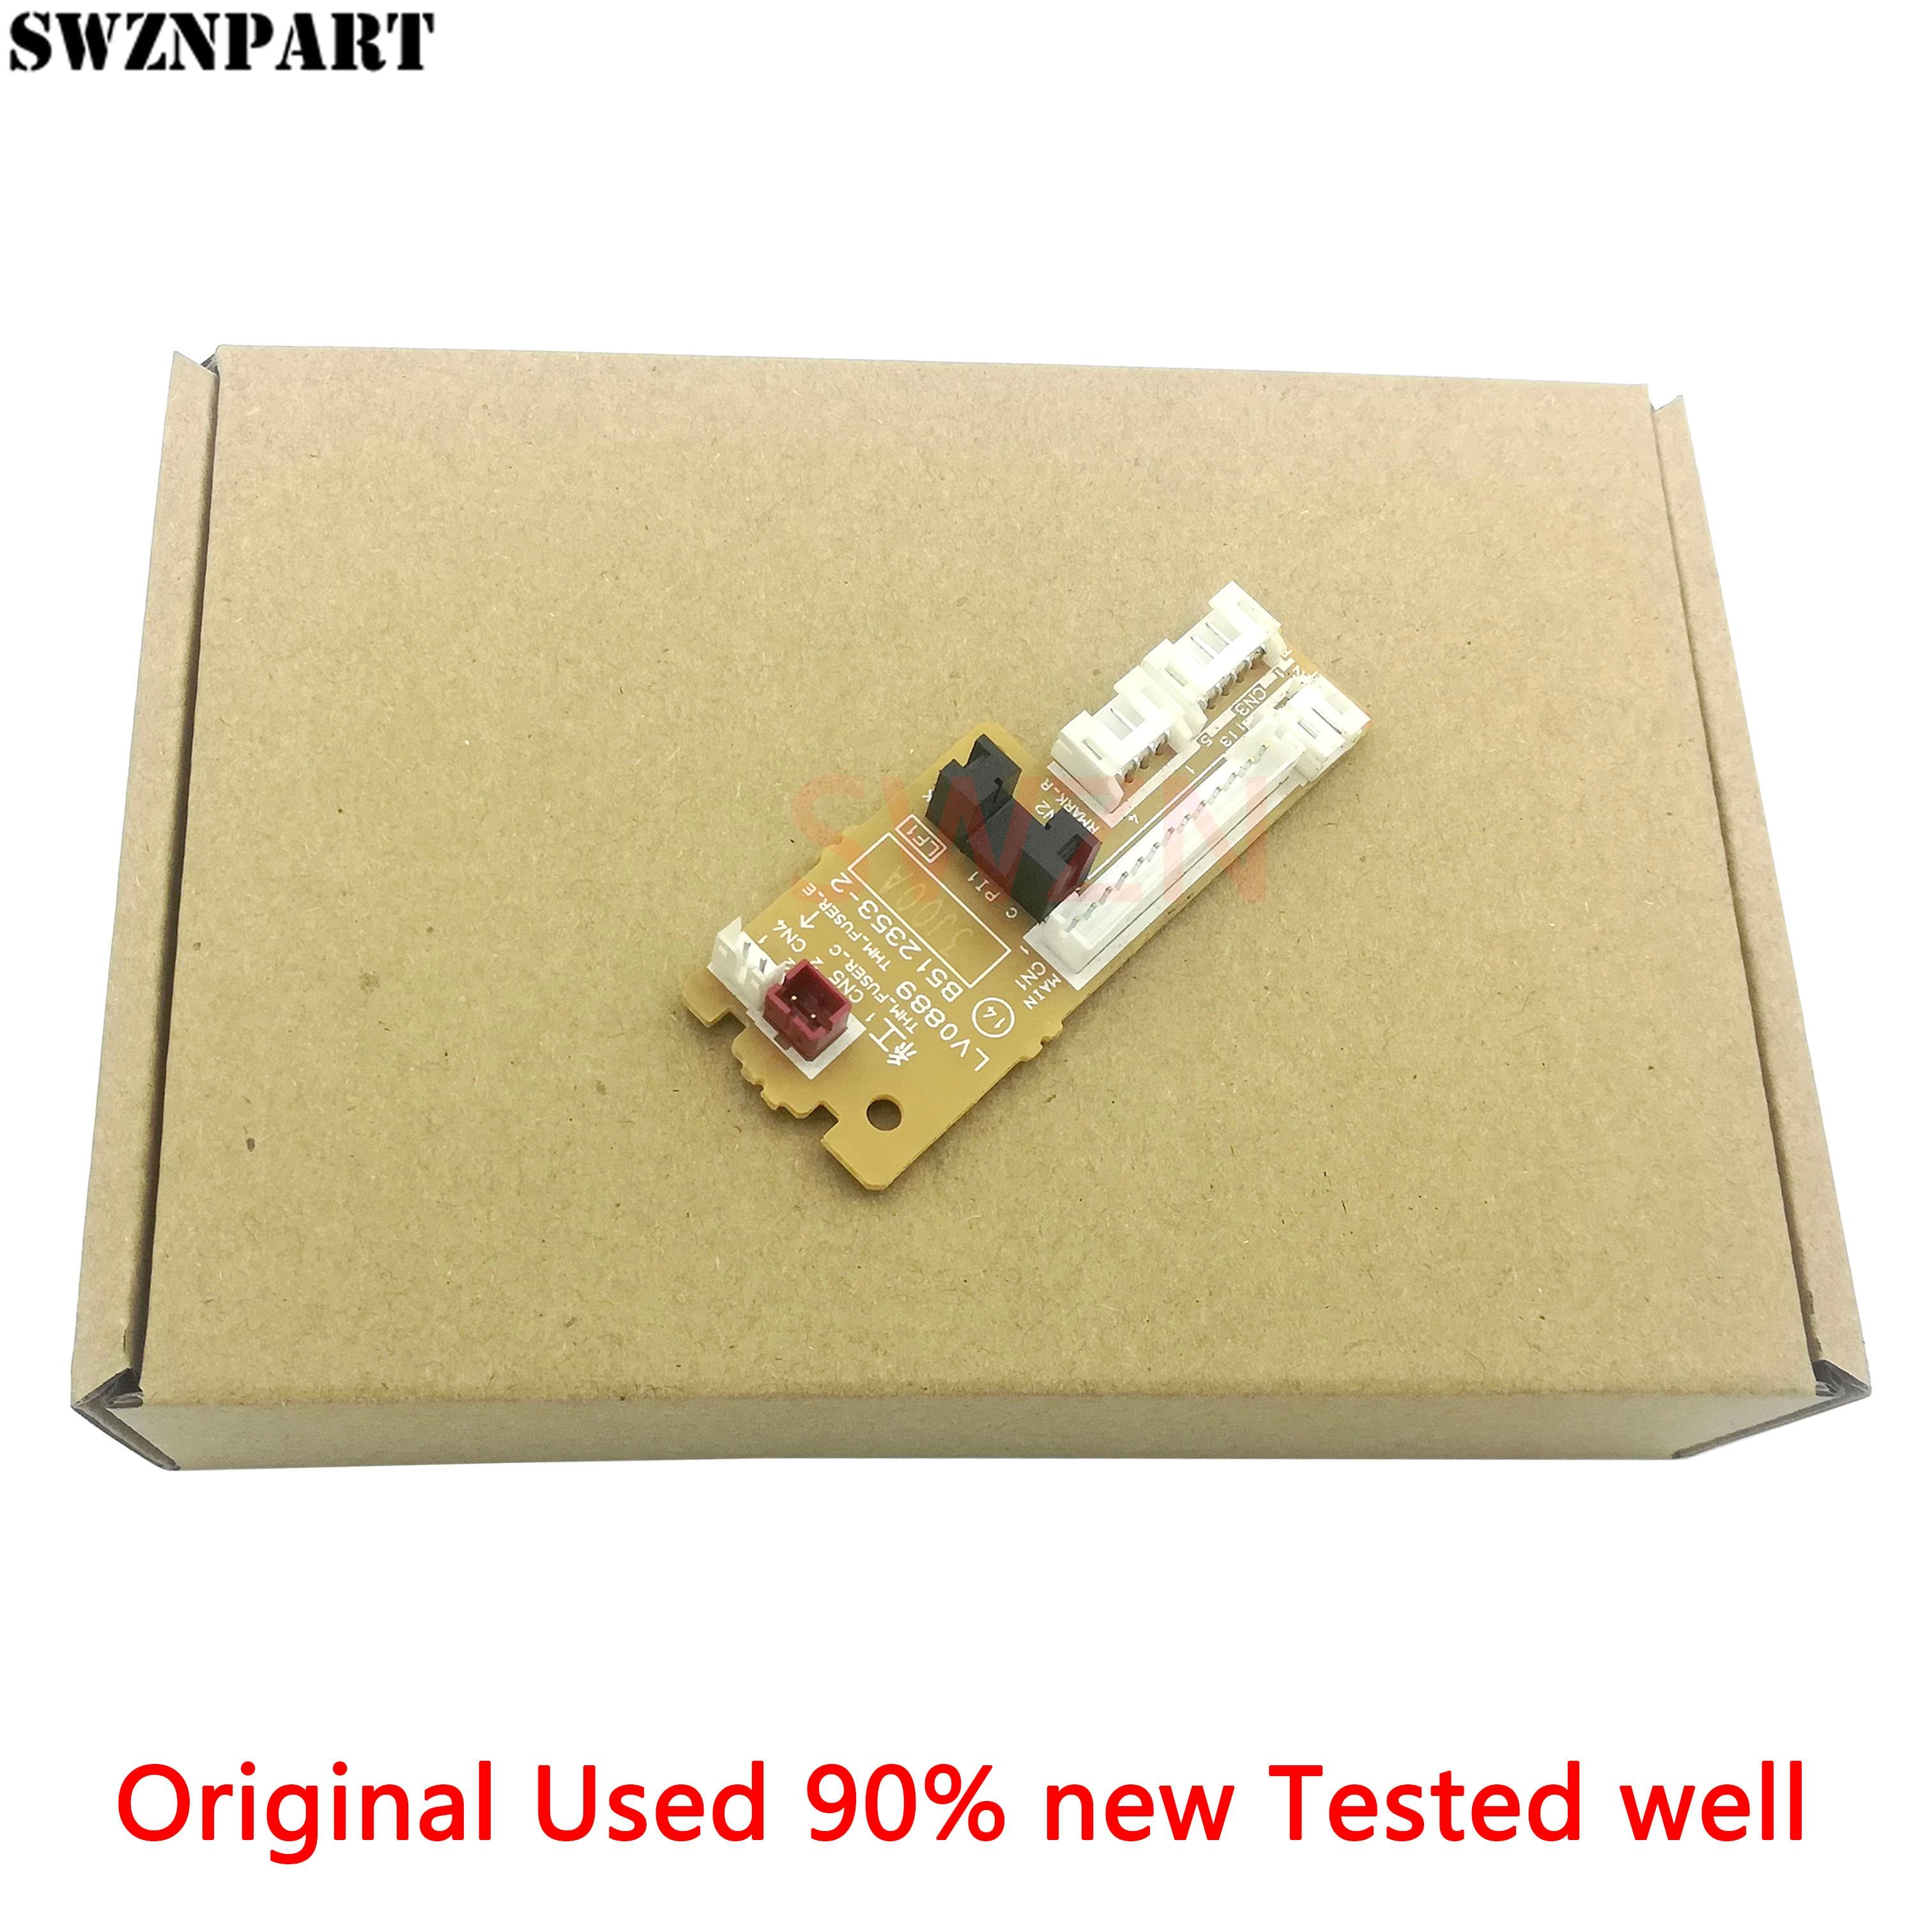 Fuser Sensor For Brother HL3140 3150 3170 DCP9020 MFC9120 9130 9133 9140 9330 9340 LV0889